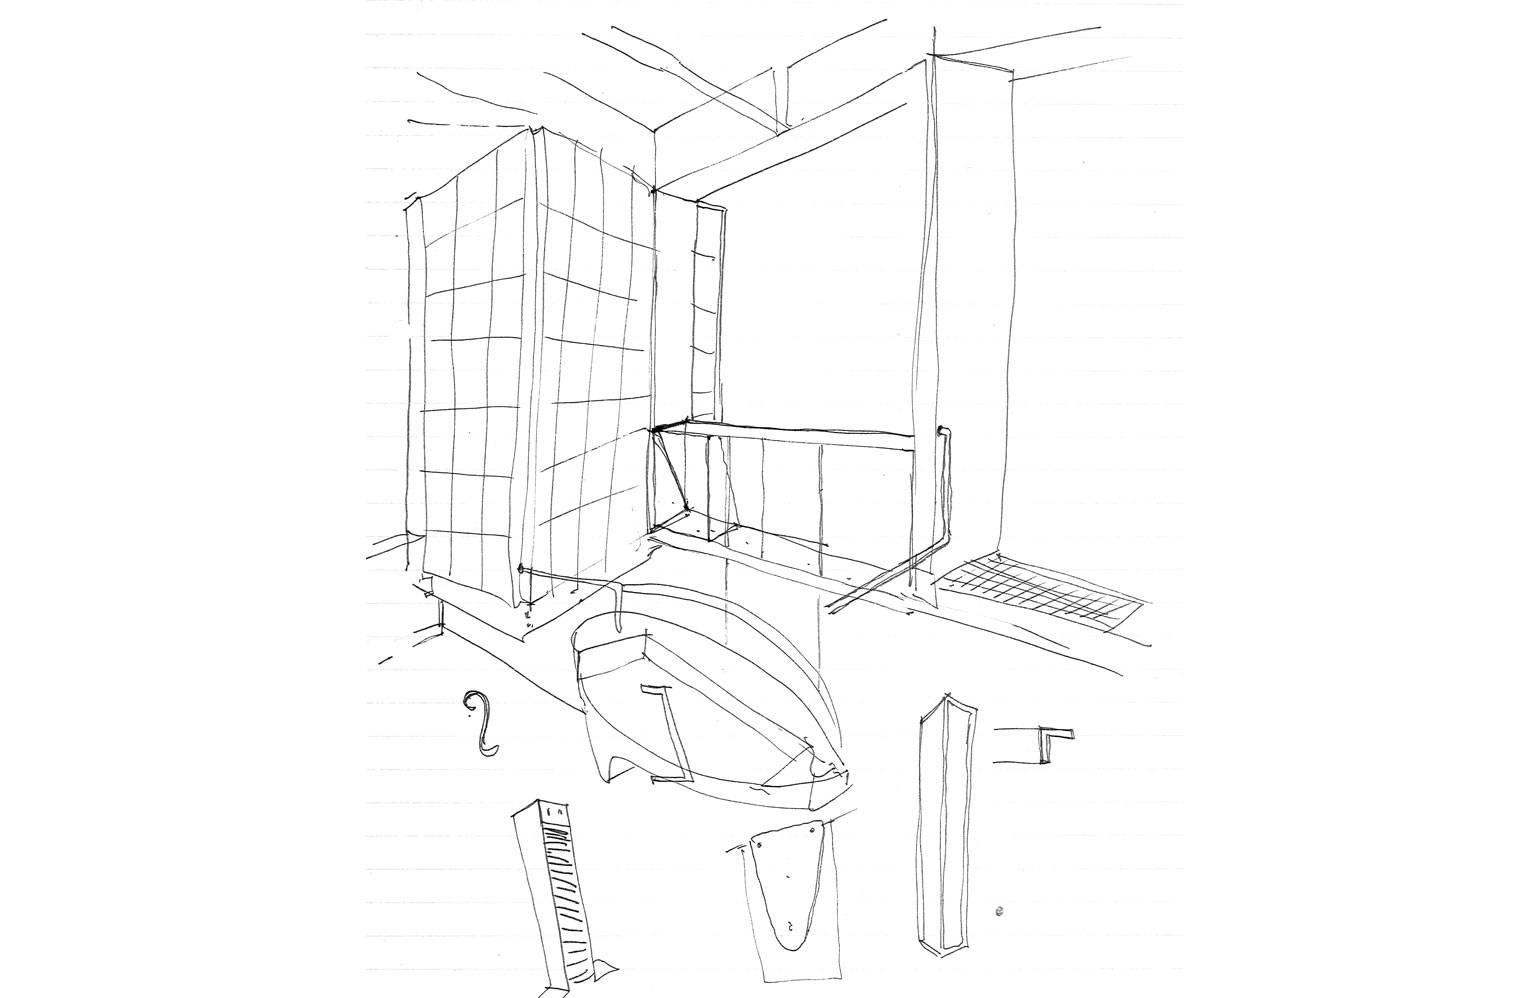 45 Leeuwen Street - Interior Sketch